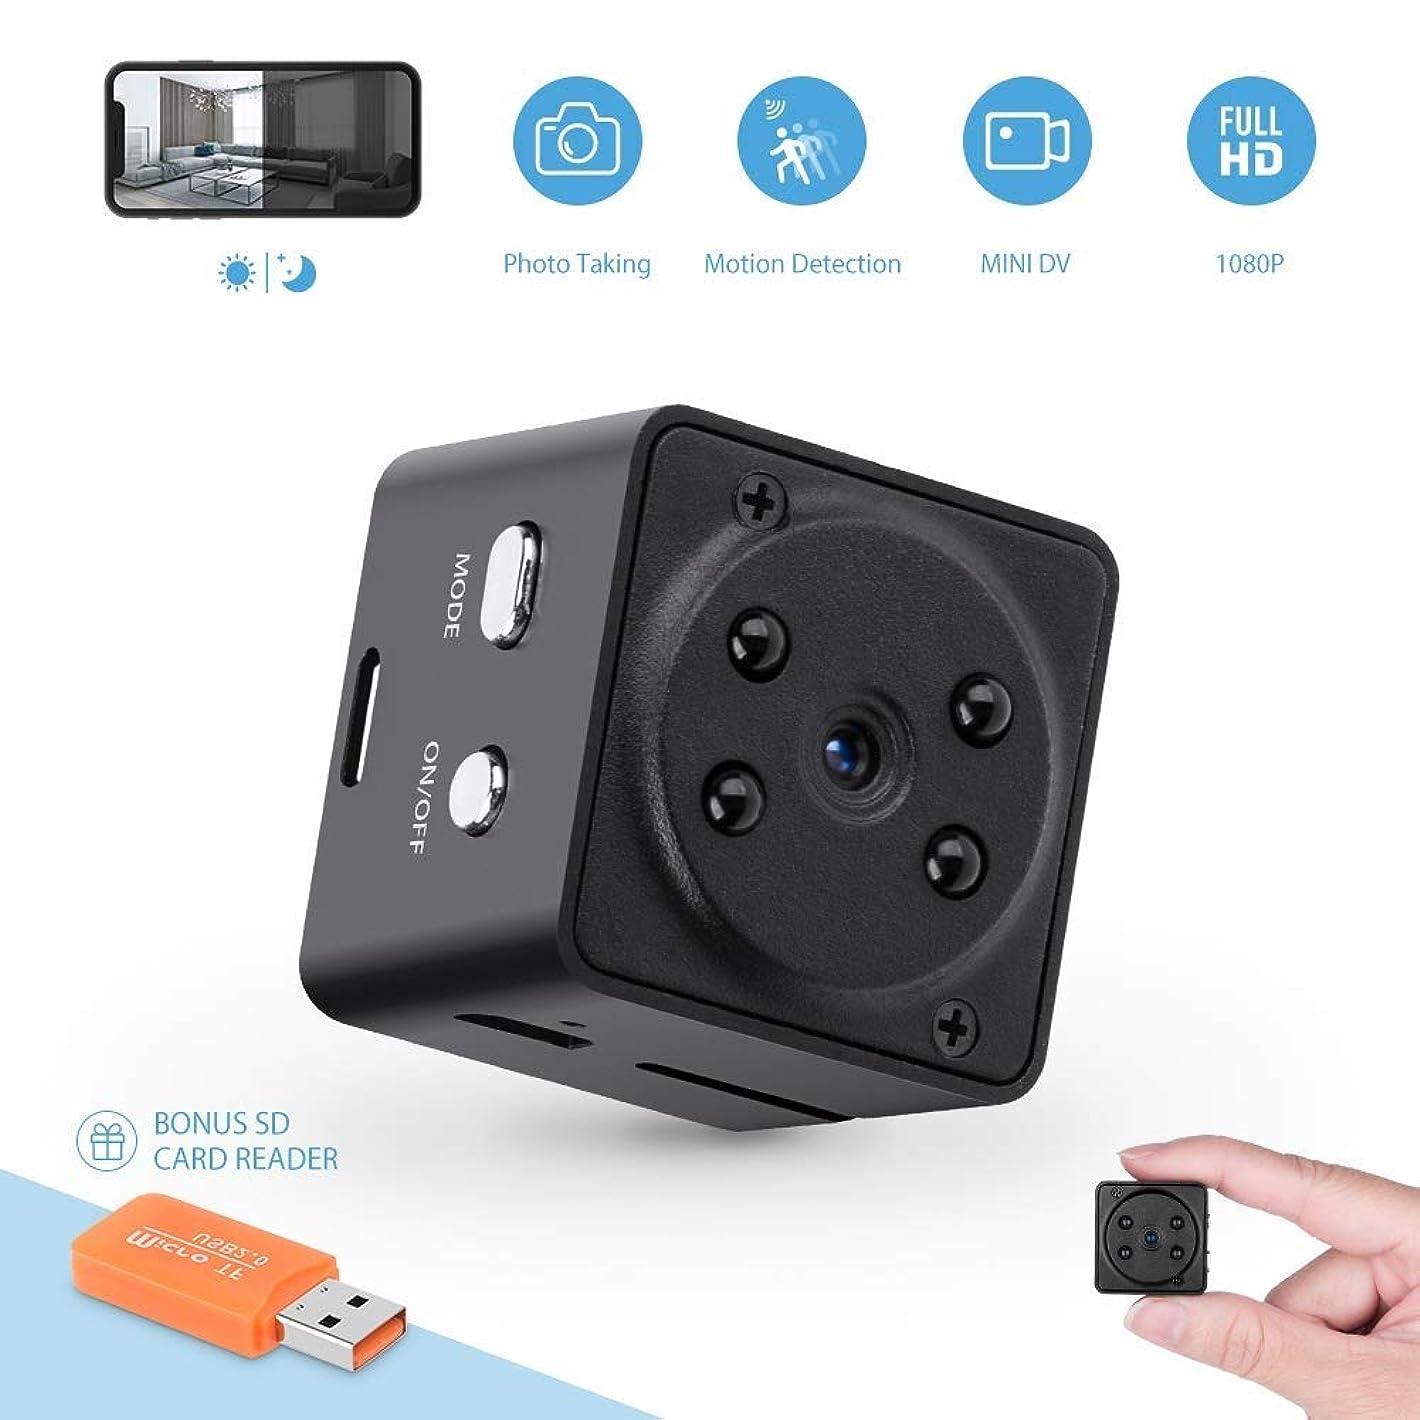 薄汚い参照する足音超小型カメラ 1080 pホームセキュリティ乳母カメラ、金属ハウジング磁性体ミニ隠しカメラ、スーパーナイトビジョンポータブル小型ワイヤレス監視カメラ、完璧な隠しカメラ (Color : +8G memory card)